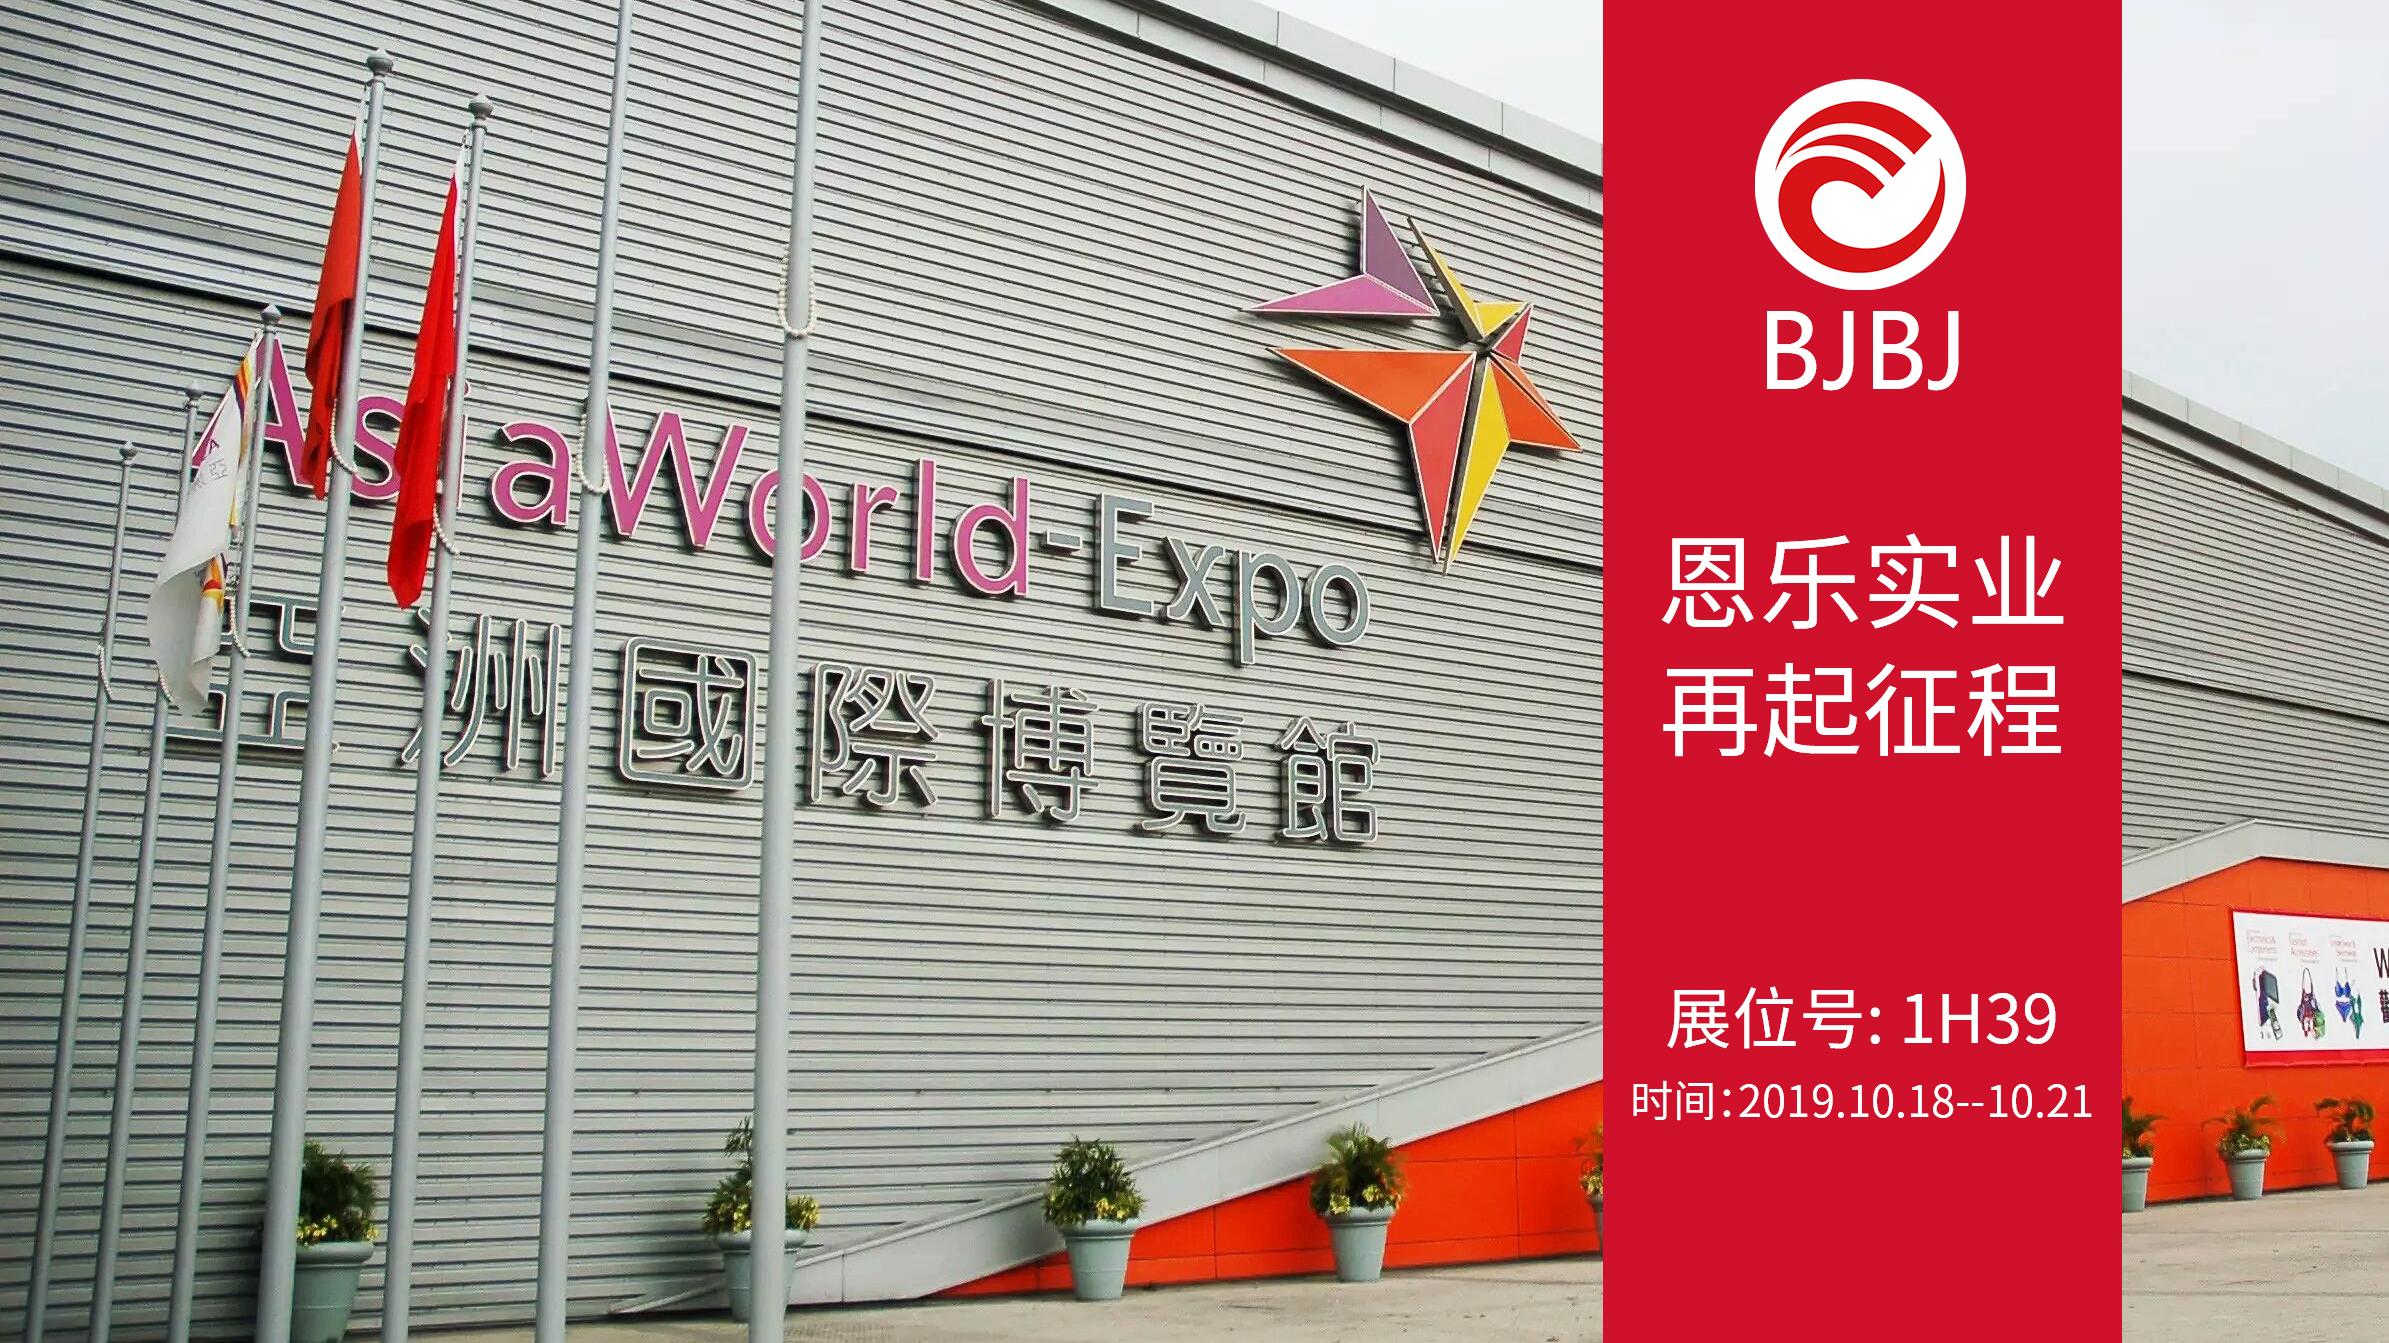 香港环球资源电子展 | BJBJ...